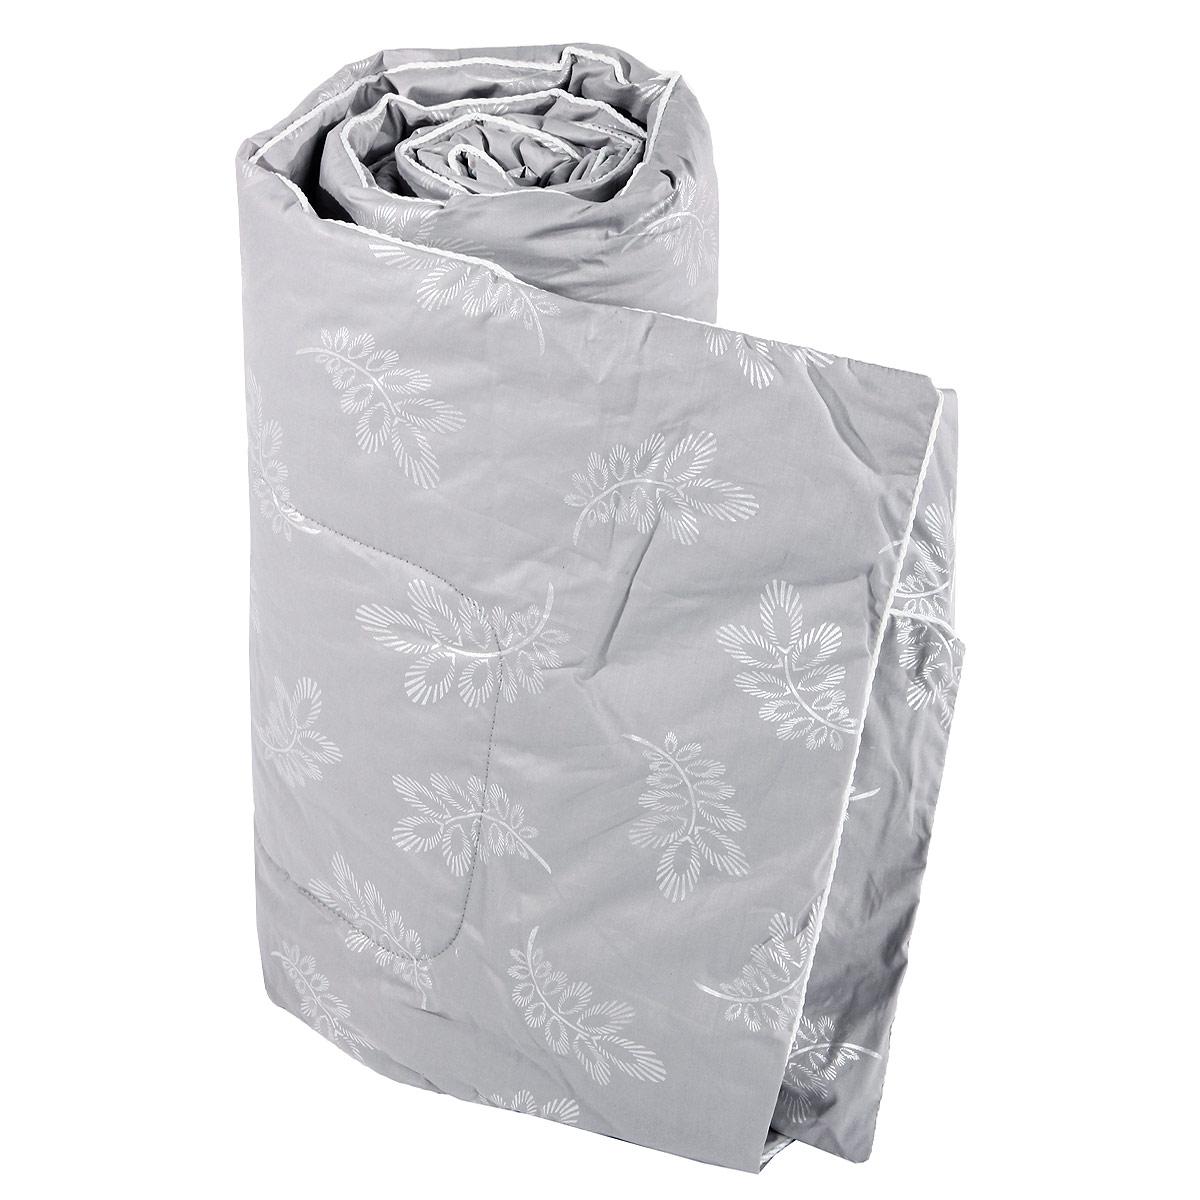 Одеяло Dargez Прима, наполнитель: пух, 140 х 205 см96281375Одеяло Dargez Прима представляет собой стеганый чехол из натурального хлопка с пуховым наполнителем. Особенности одеяла Dargez Прима:натуральное и экологически чистое;обладает легкостью и уникальными теплозащитными свойствами;создает оптимальный температурный режим;обладает высокой гигроскопичностью: хорошо впитывает и испаряет влагу;имеет высокою воздухопроницаемостью: позволяет телу дышать;обладает мягкостью и объемом. Одеяло упаковано в прозрачный пластиковый чехол на молнии с ручкой, что является чрезвычайно удобным при переноске. Характеристики: Материал чехла: 100% хлопок (перкаль). Наполнитель: пух первой категории. Размер: 140 см х 205 см. Масса наполнителя: 0,5 кг. Артикул: 22340П. Торговый Дом Даргез был образован в 1991 году на базе нескольких компаний, занимавшихся производством и продажей постельных принадлежностей и поставками за рубеж пухоперового сырья. Благодаря опыту, накопленным знаниям, стремлению к инновациям и развитию за 19 лет компания смогла стать крупнейшим производителем домашнего текстиля на территории Российской Федерации. В основу деятельности Торгового Дома Даргез положено стремление предоставить покупателю широкий выбор высококачественных постельных принадлежностей и текстиля для дома, которые способны создавать наилучшие условия для комфортного и, что немаловажно, здорового сна и отдыха.